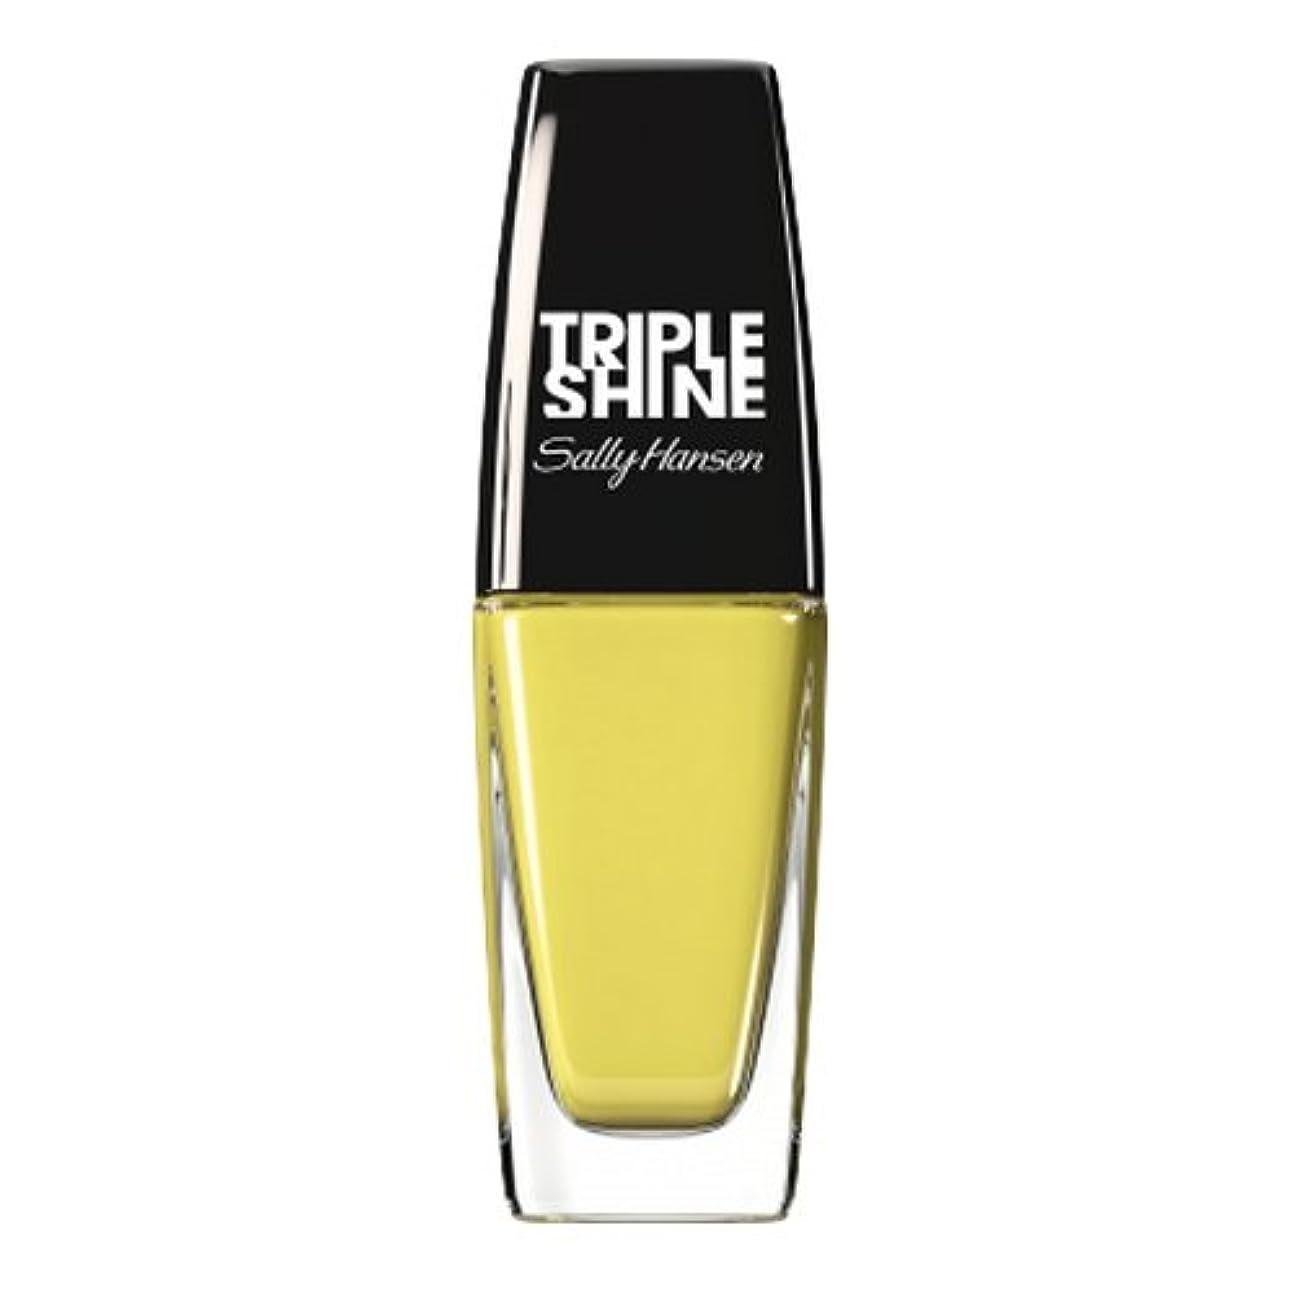 エリート交換可能アラート(3 Pack) SALLY HANSEN Triple Shine Nail Polish - Statemint (並行輸入品)